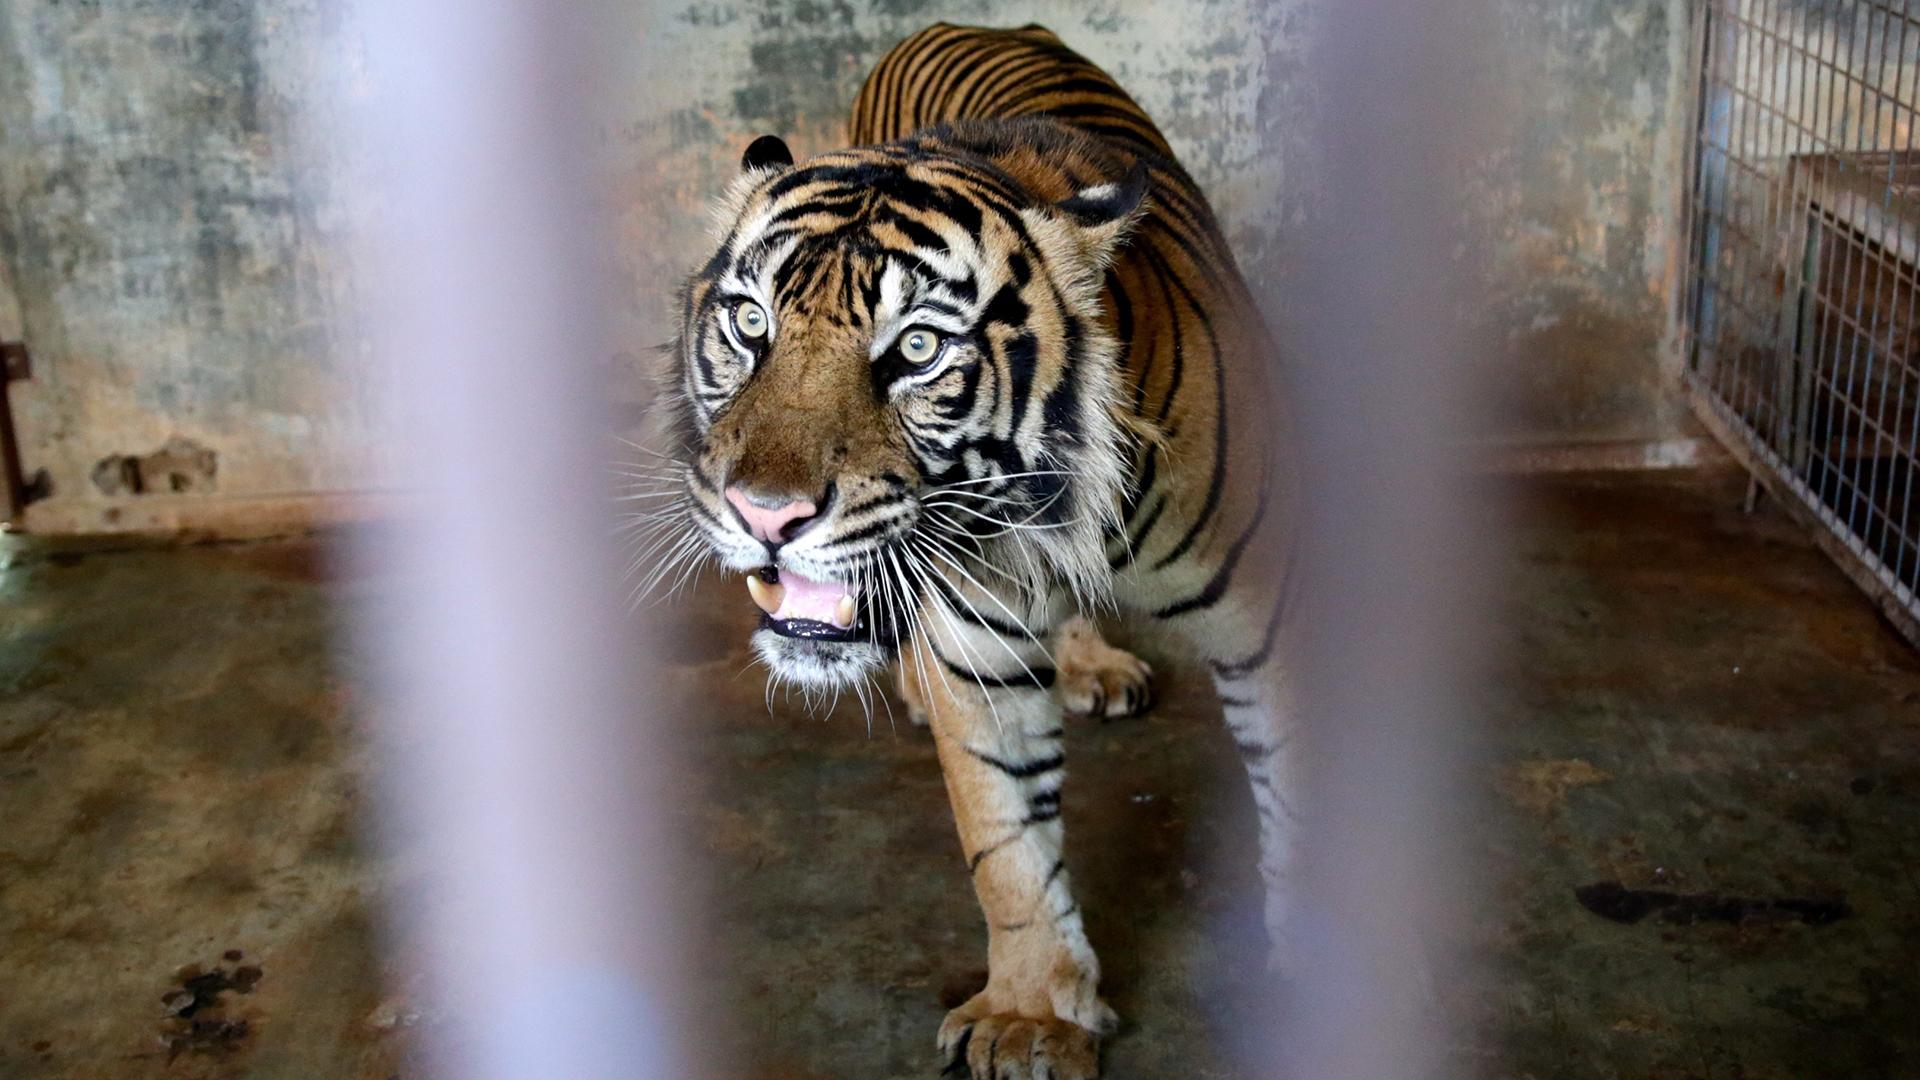 Tigres de Sumatra se contagian de COVID-19 en zoológico de Indonesia